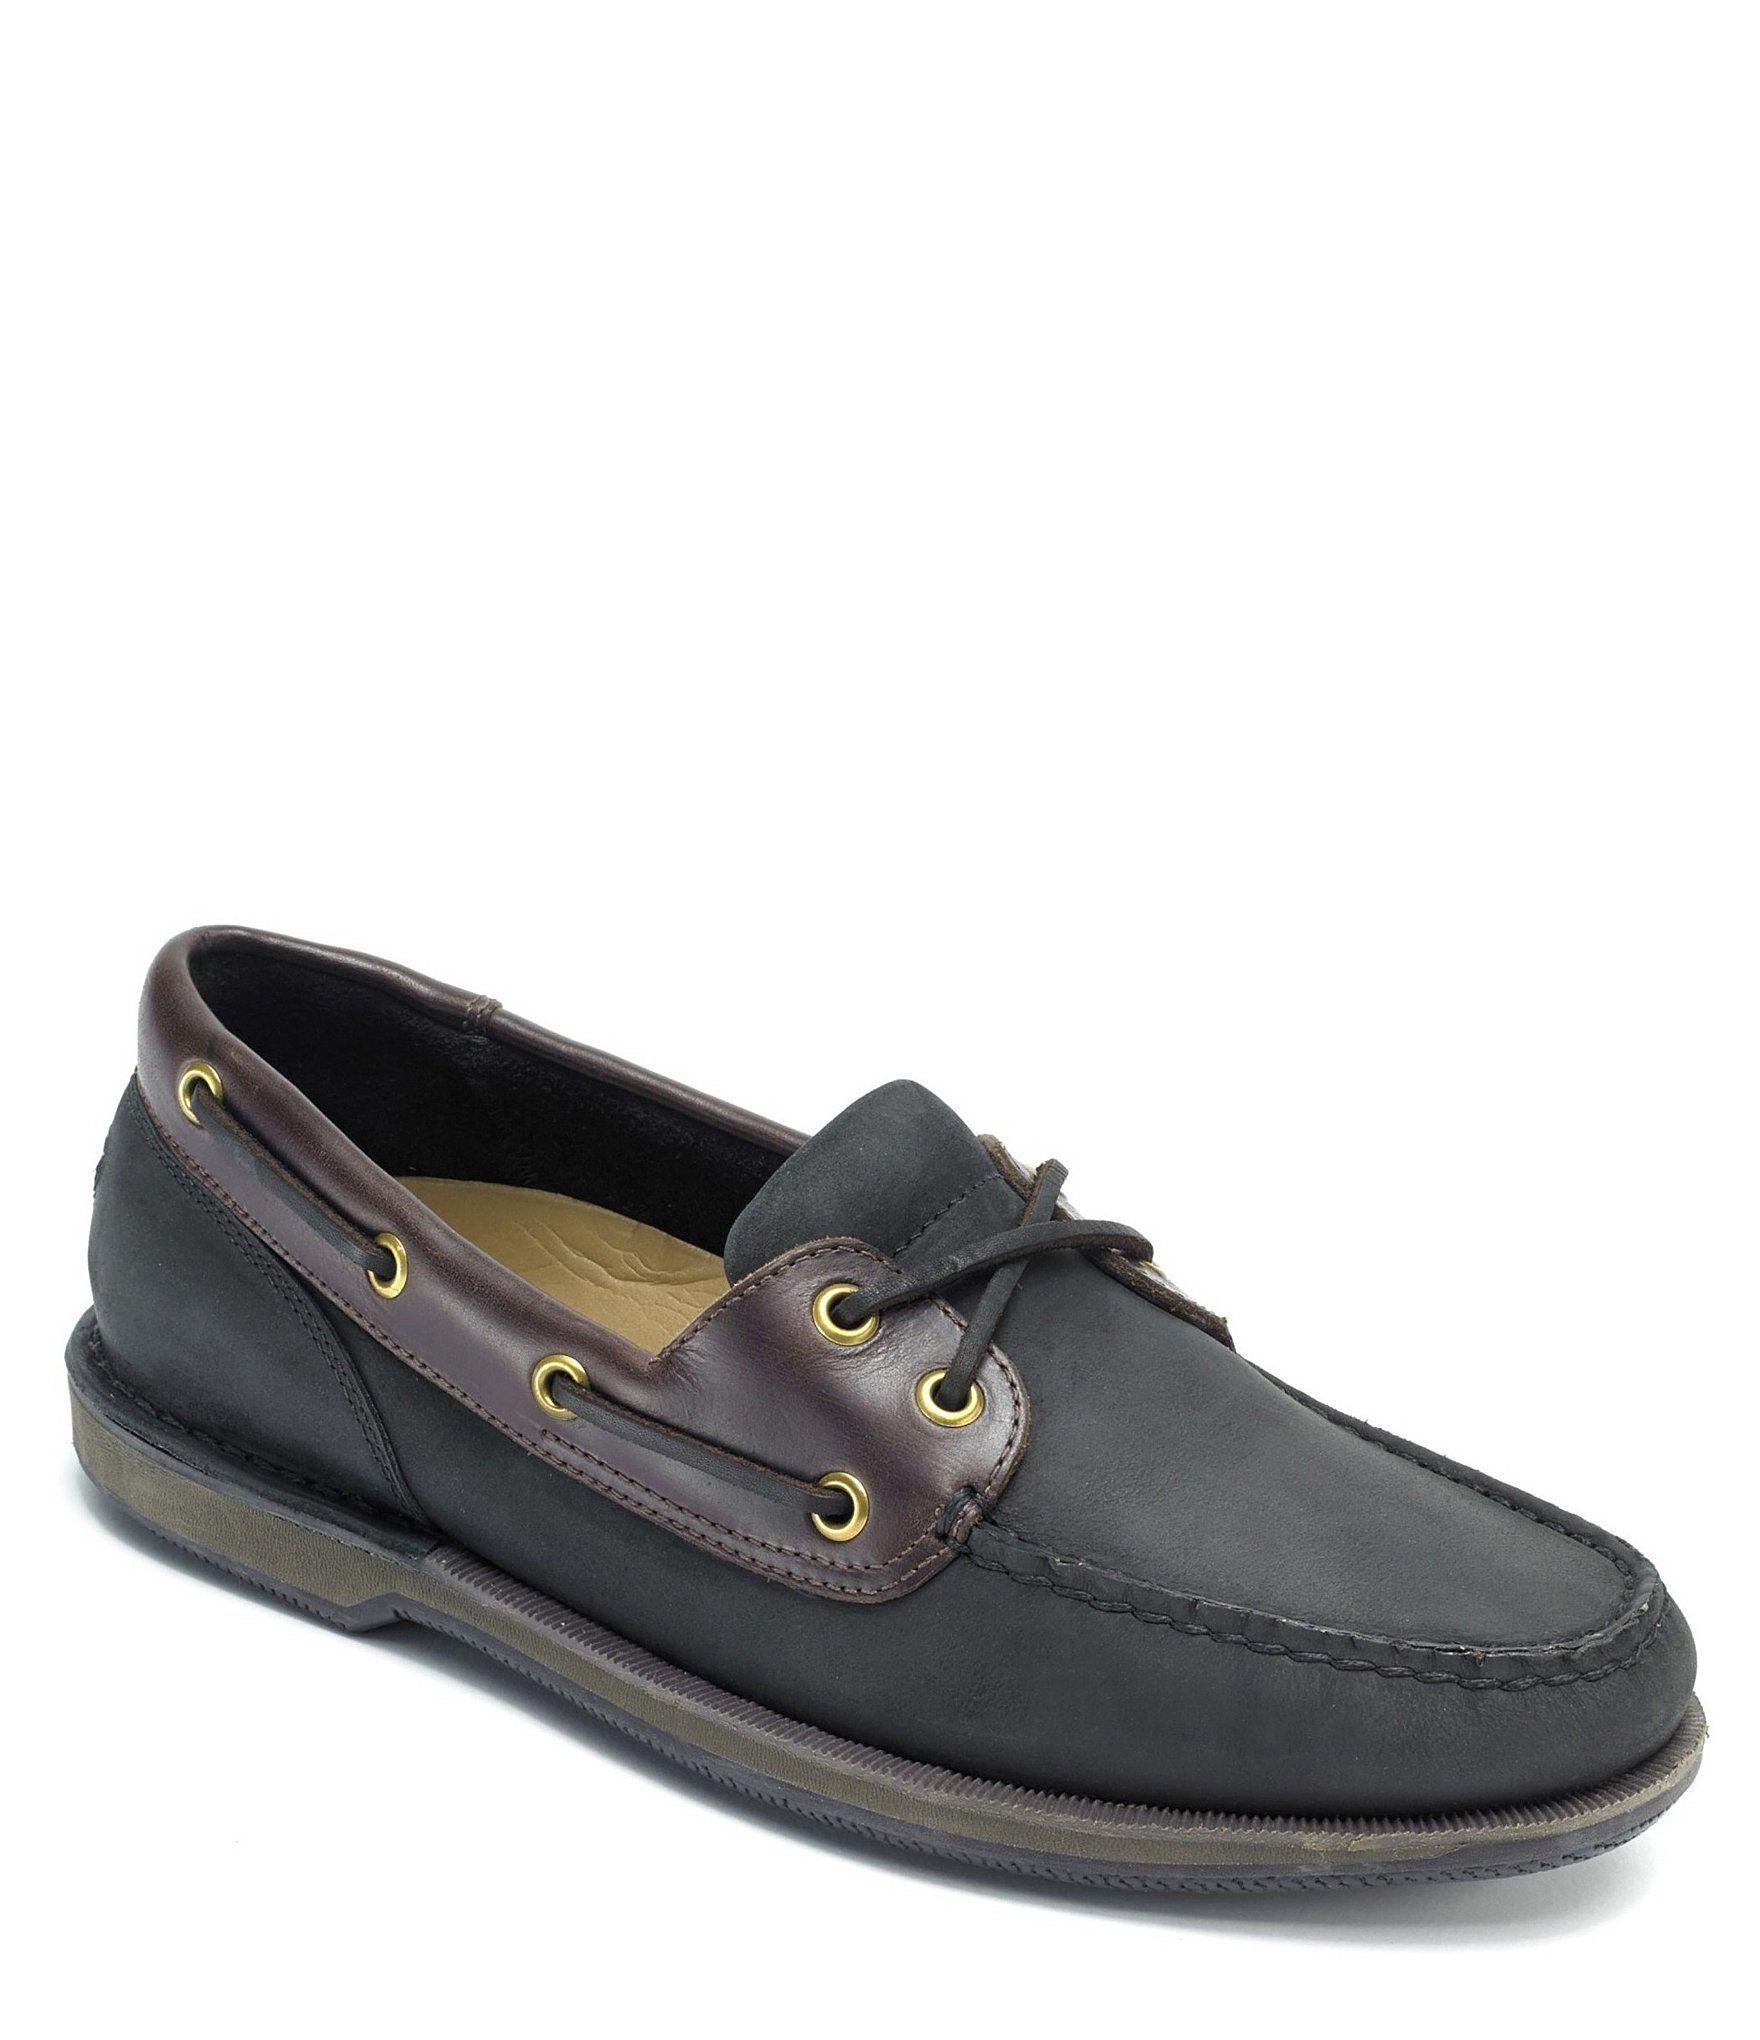 Rockport Perth – Chaussures bateau décontractées pour hommes | Dillard   – Products